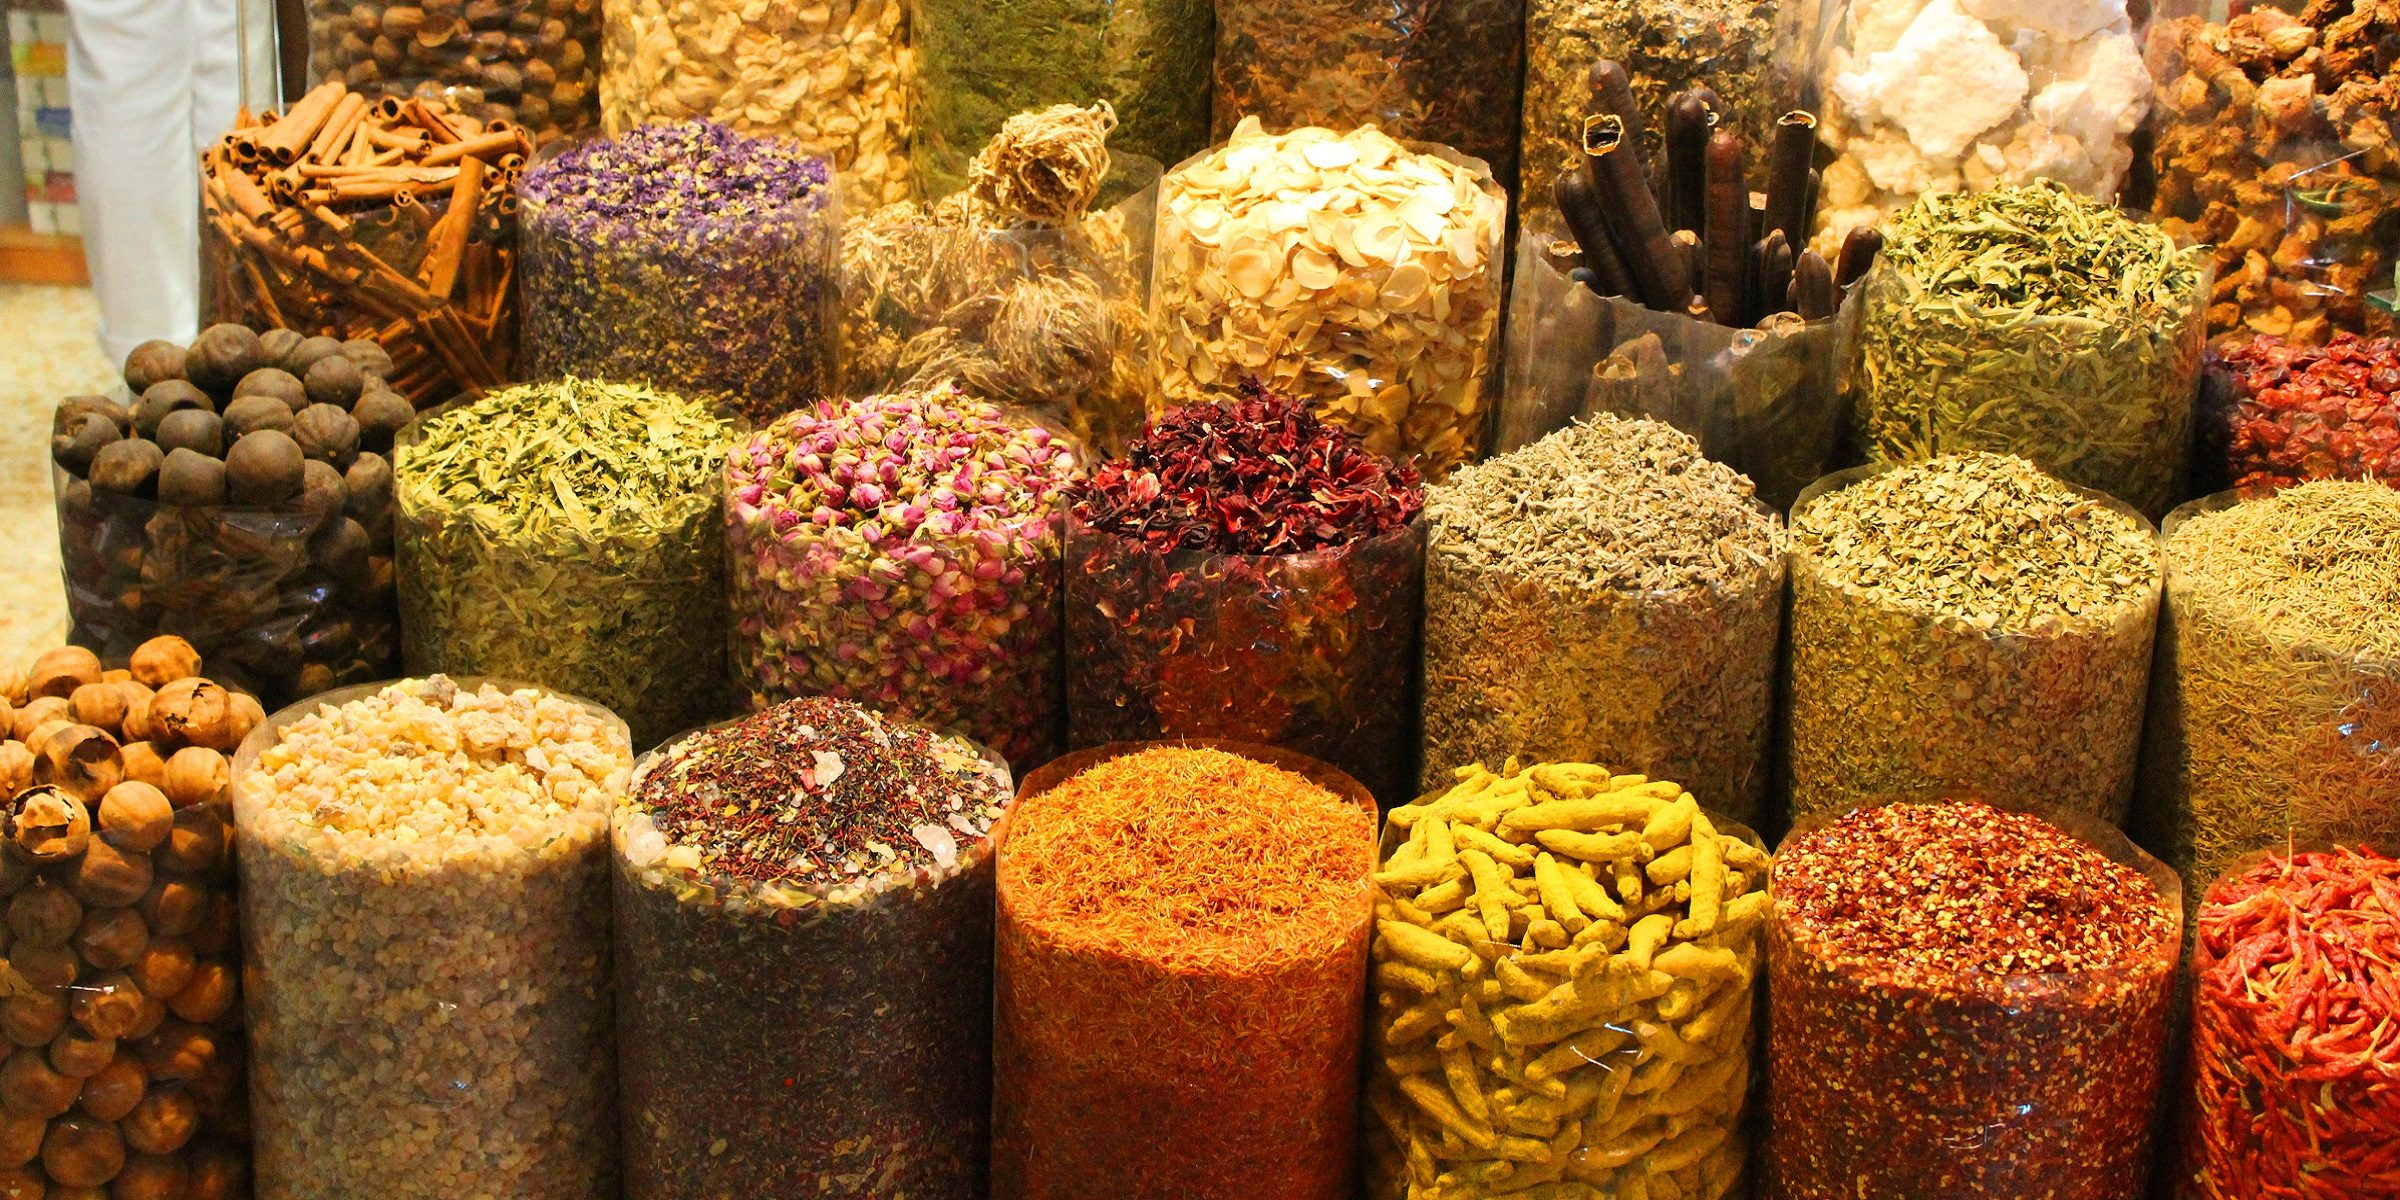 Frische Gewürze auf den Märkten in Indien kaufen